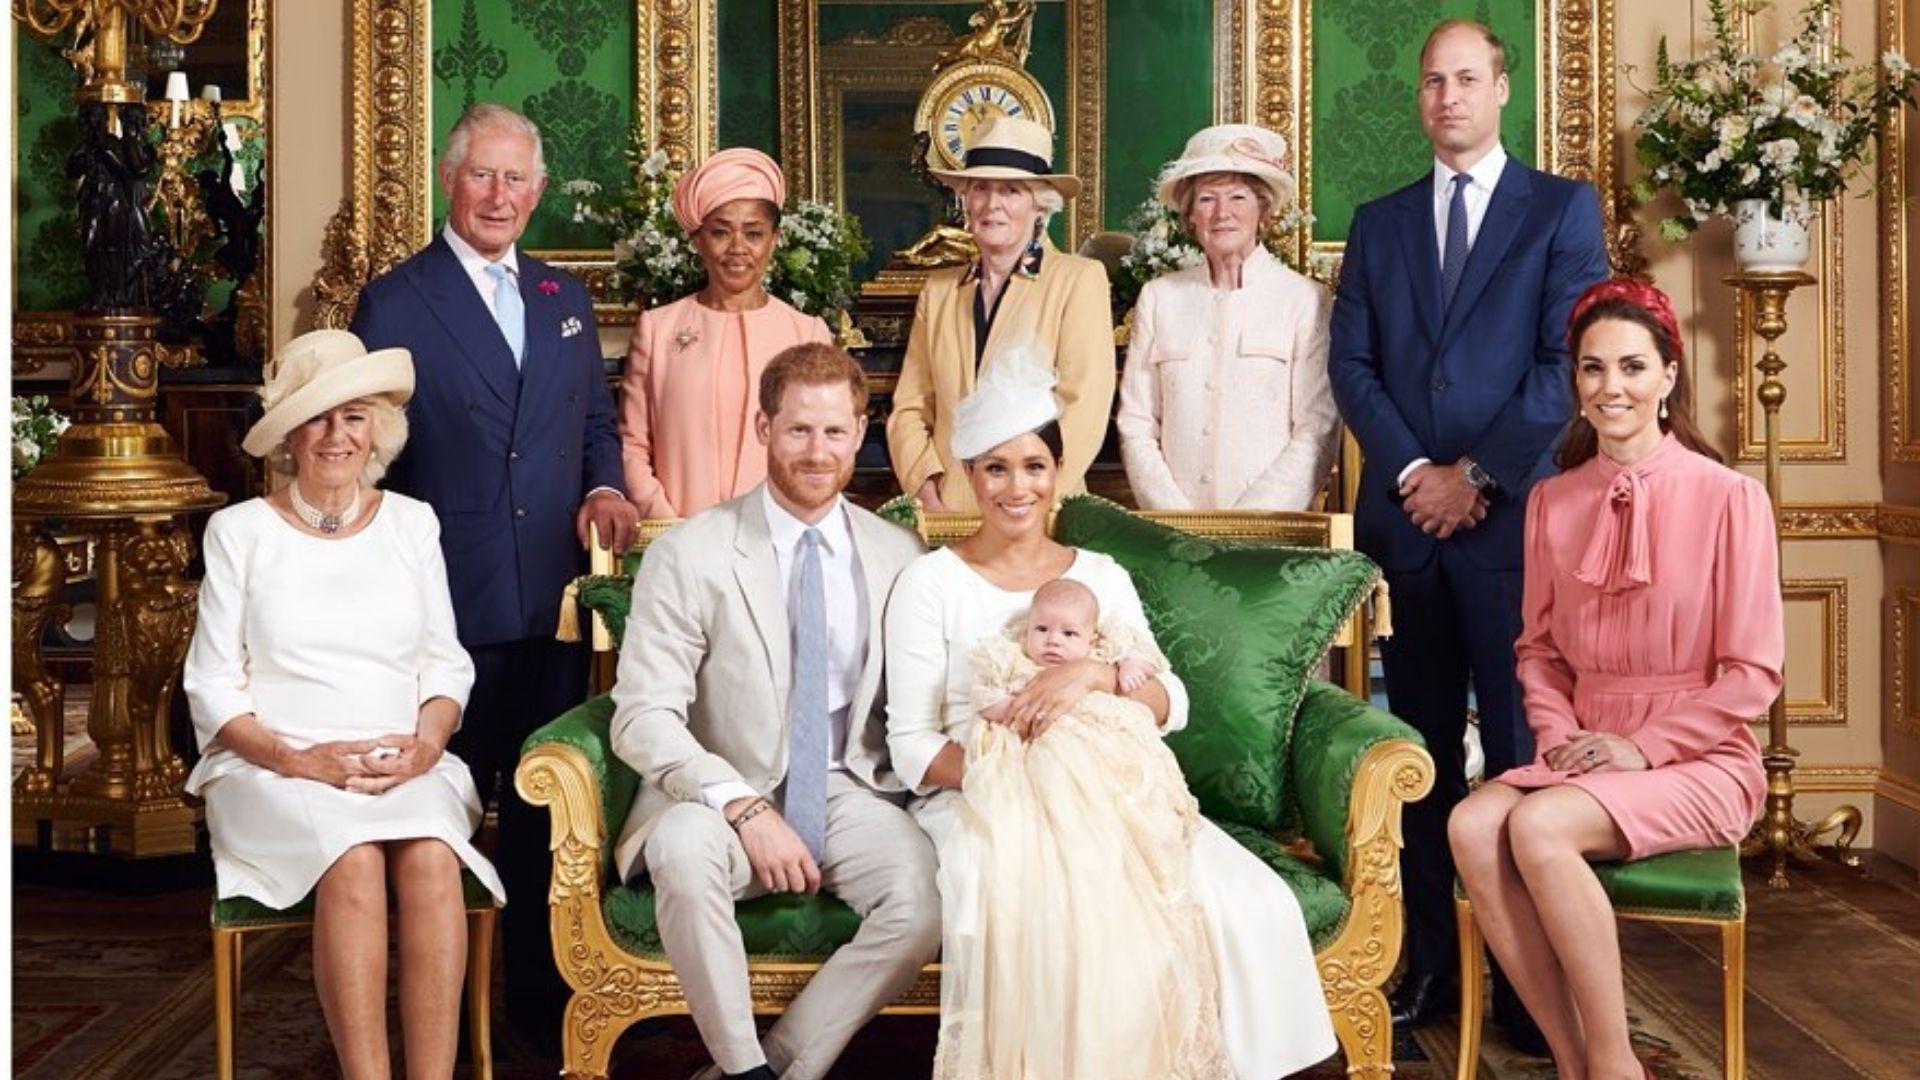 Vestidos marcantes da Família Real